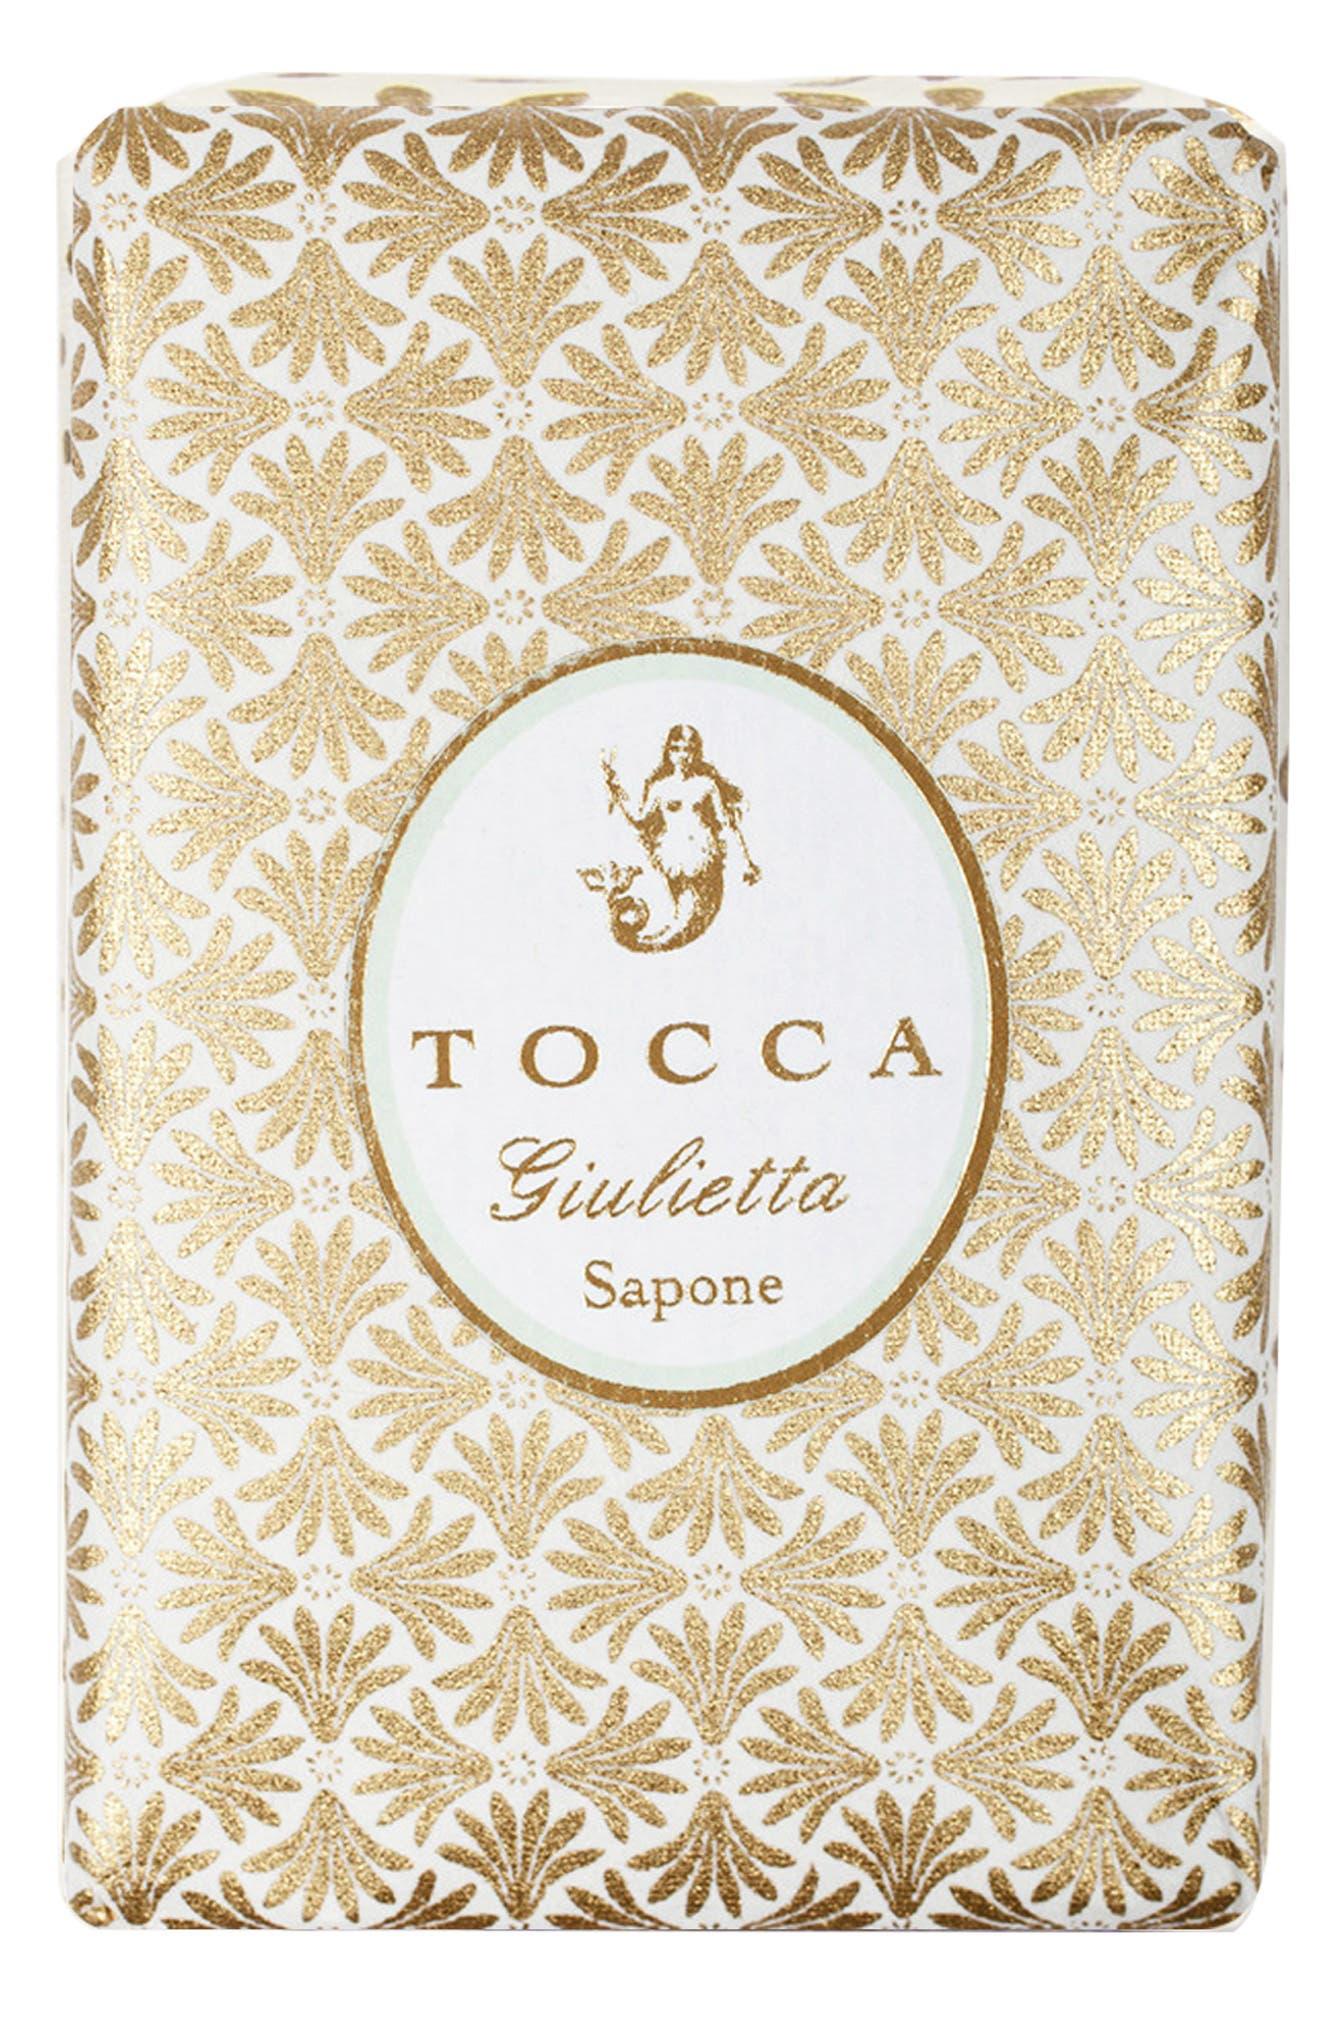 'Giulietta' Bar Soap,                             Main thumbnail 1, color,                             NO COLOR